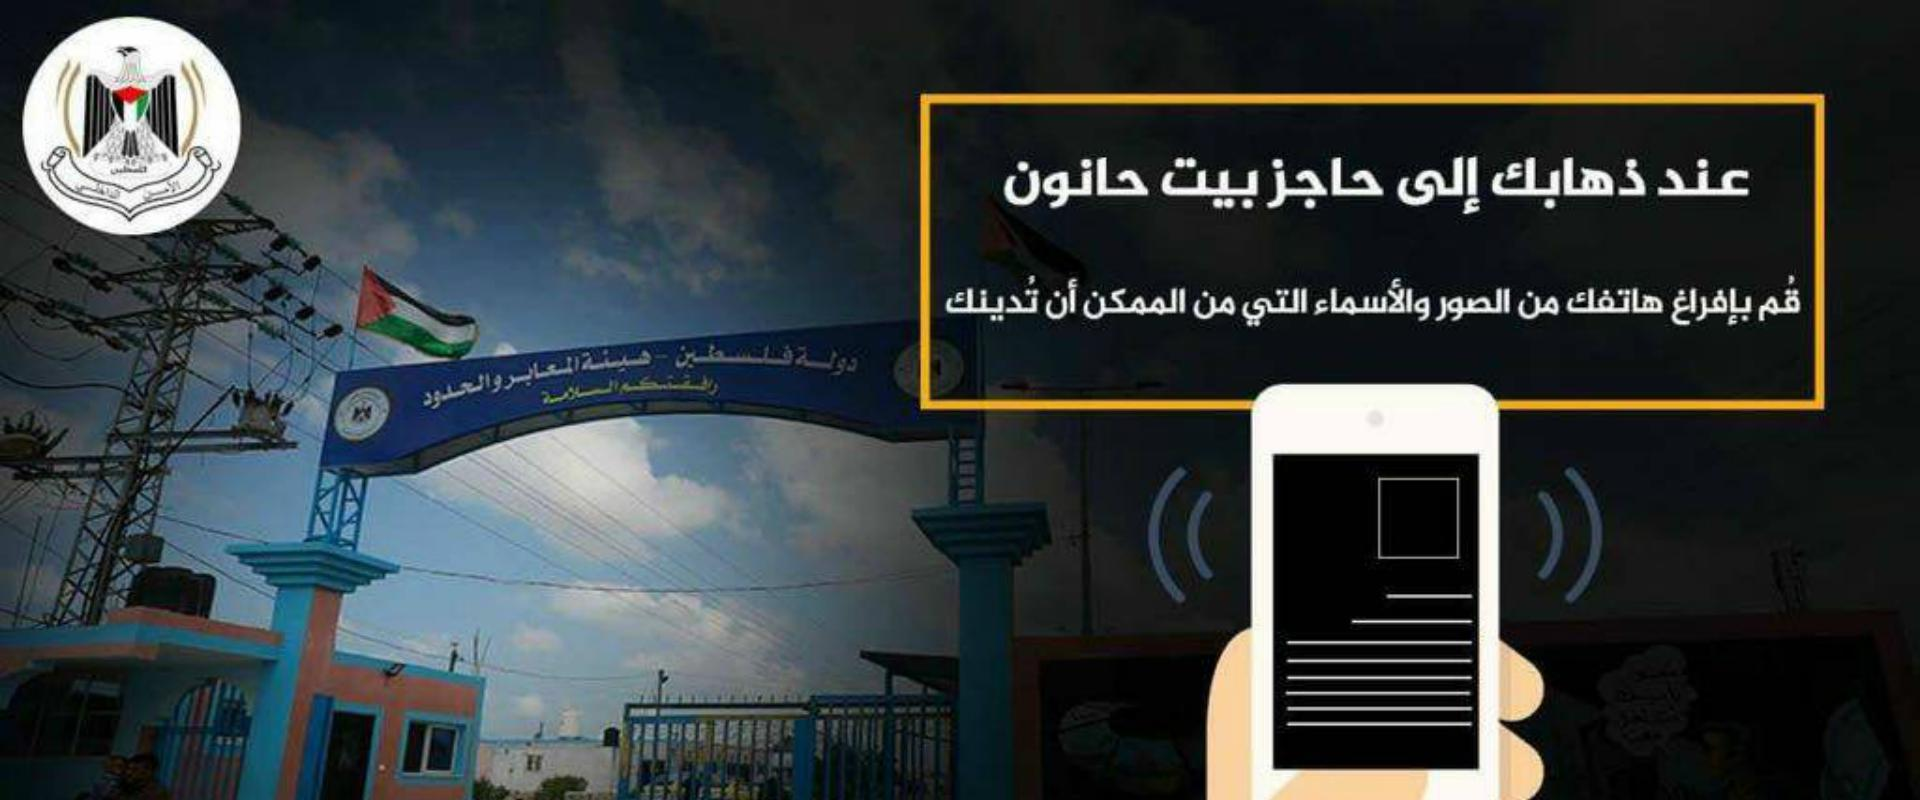 מודעות אזהרה של חמאס